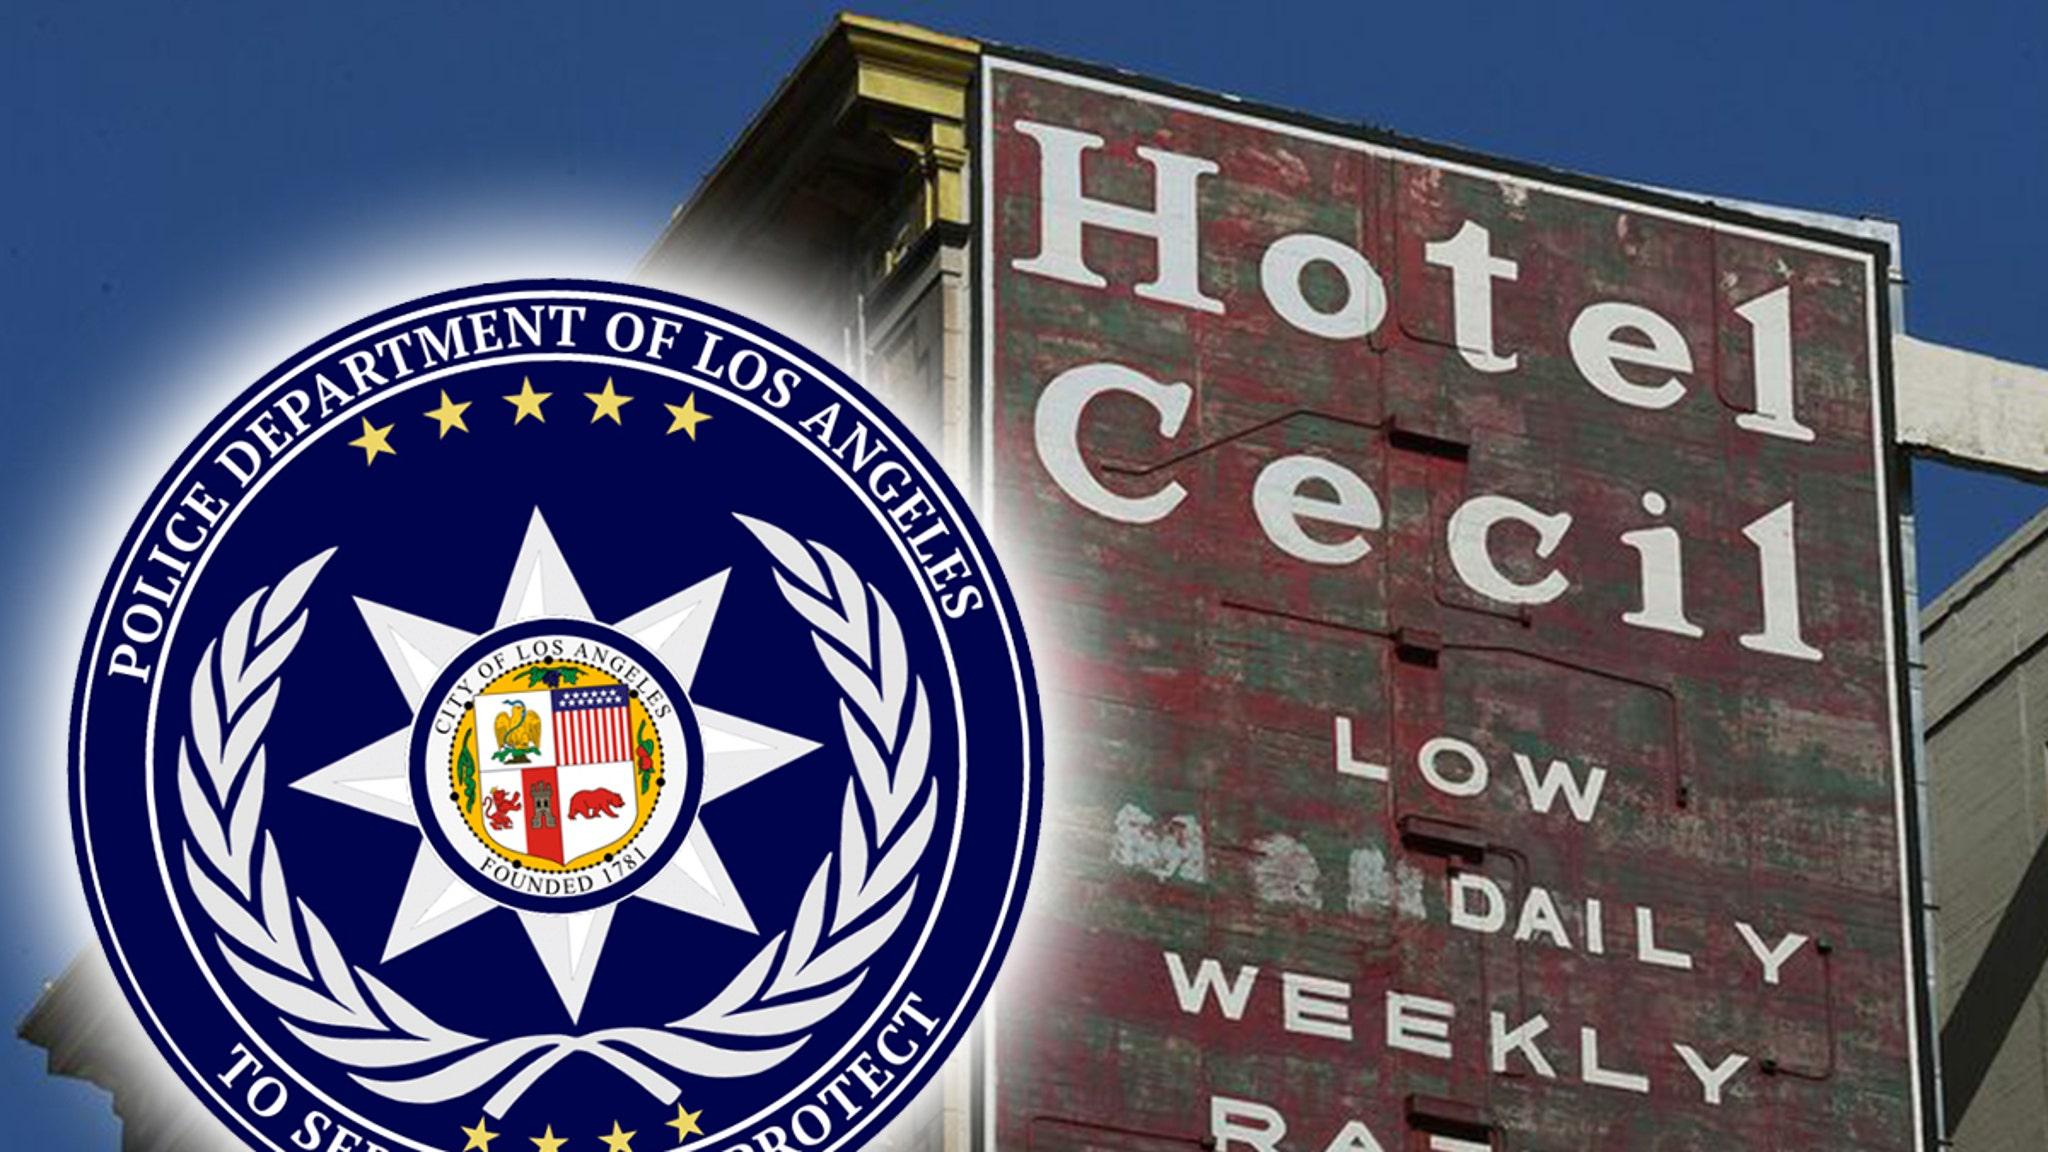 « Исчезновение в отеле Сесил » дает полиции Лос-Анджелеса странные советы